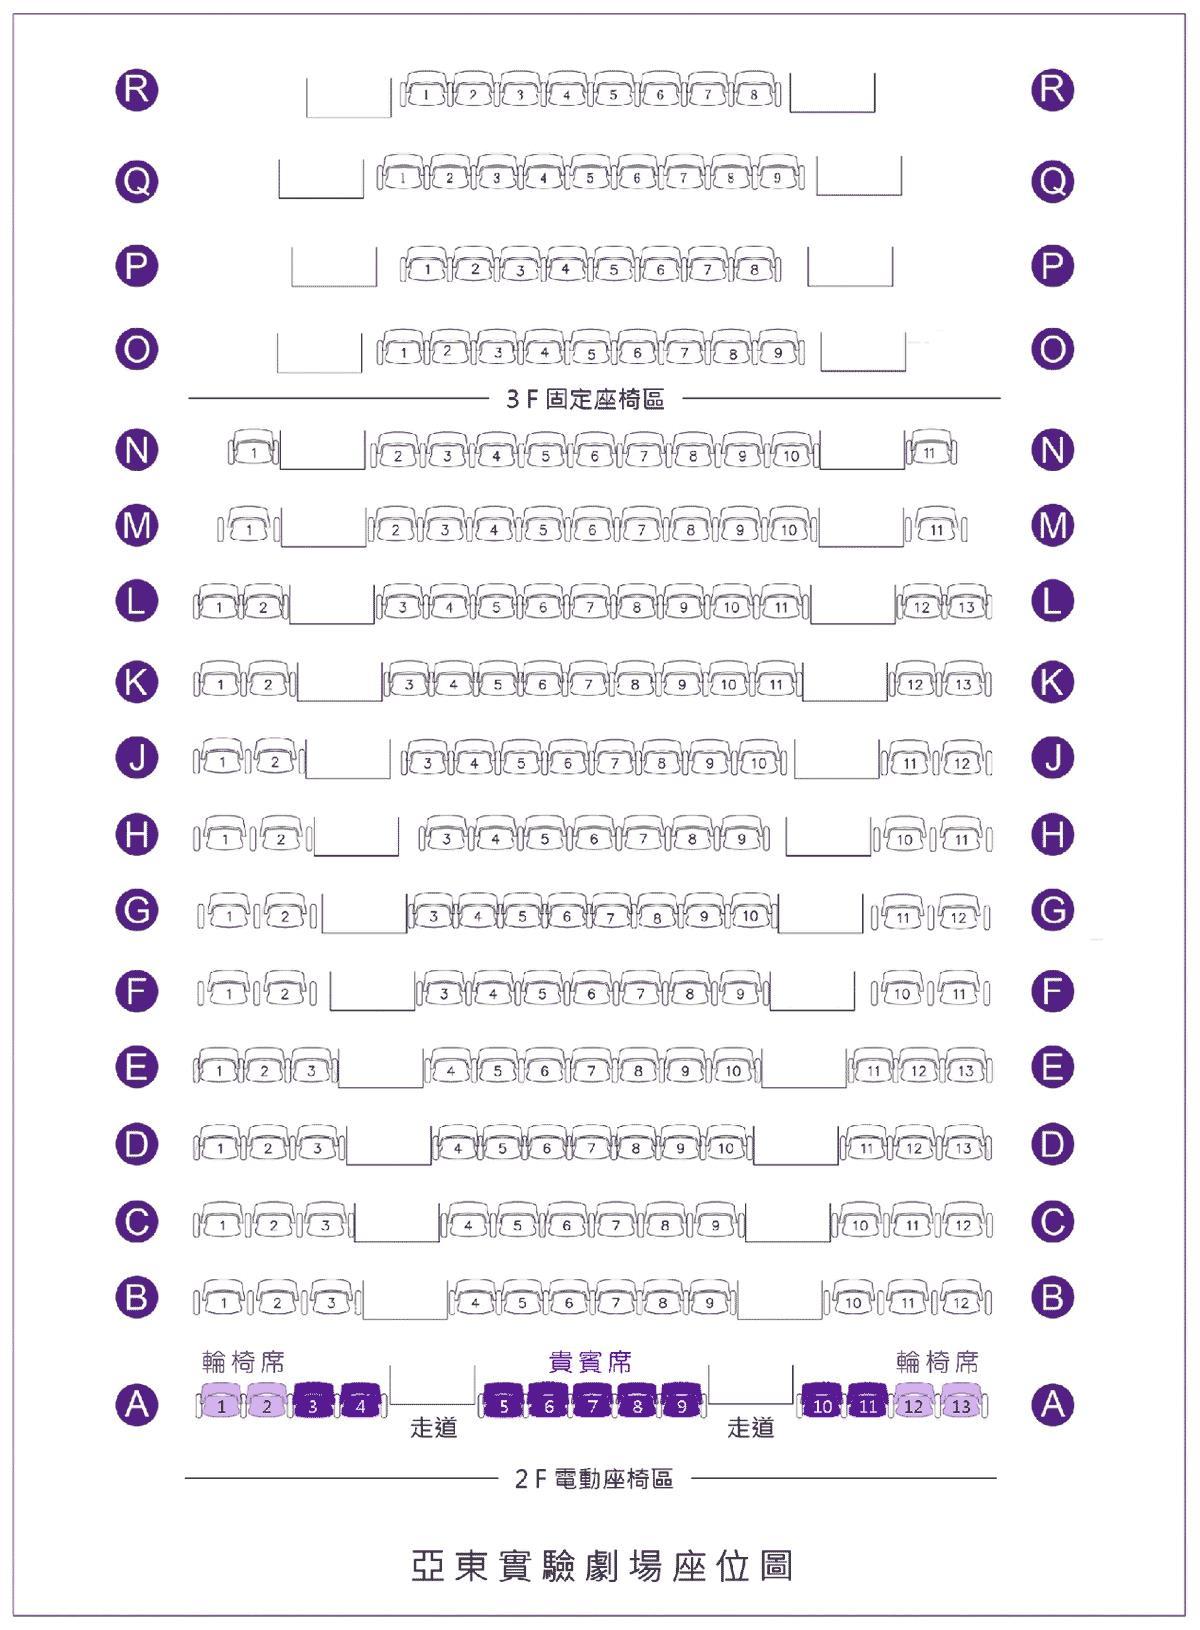 亞東實驗劇場場地座位圖